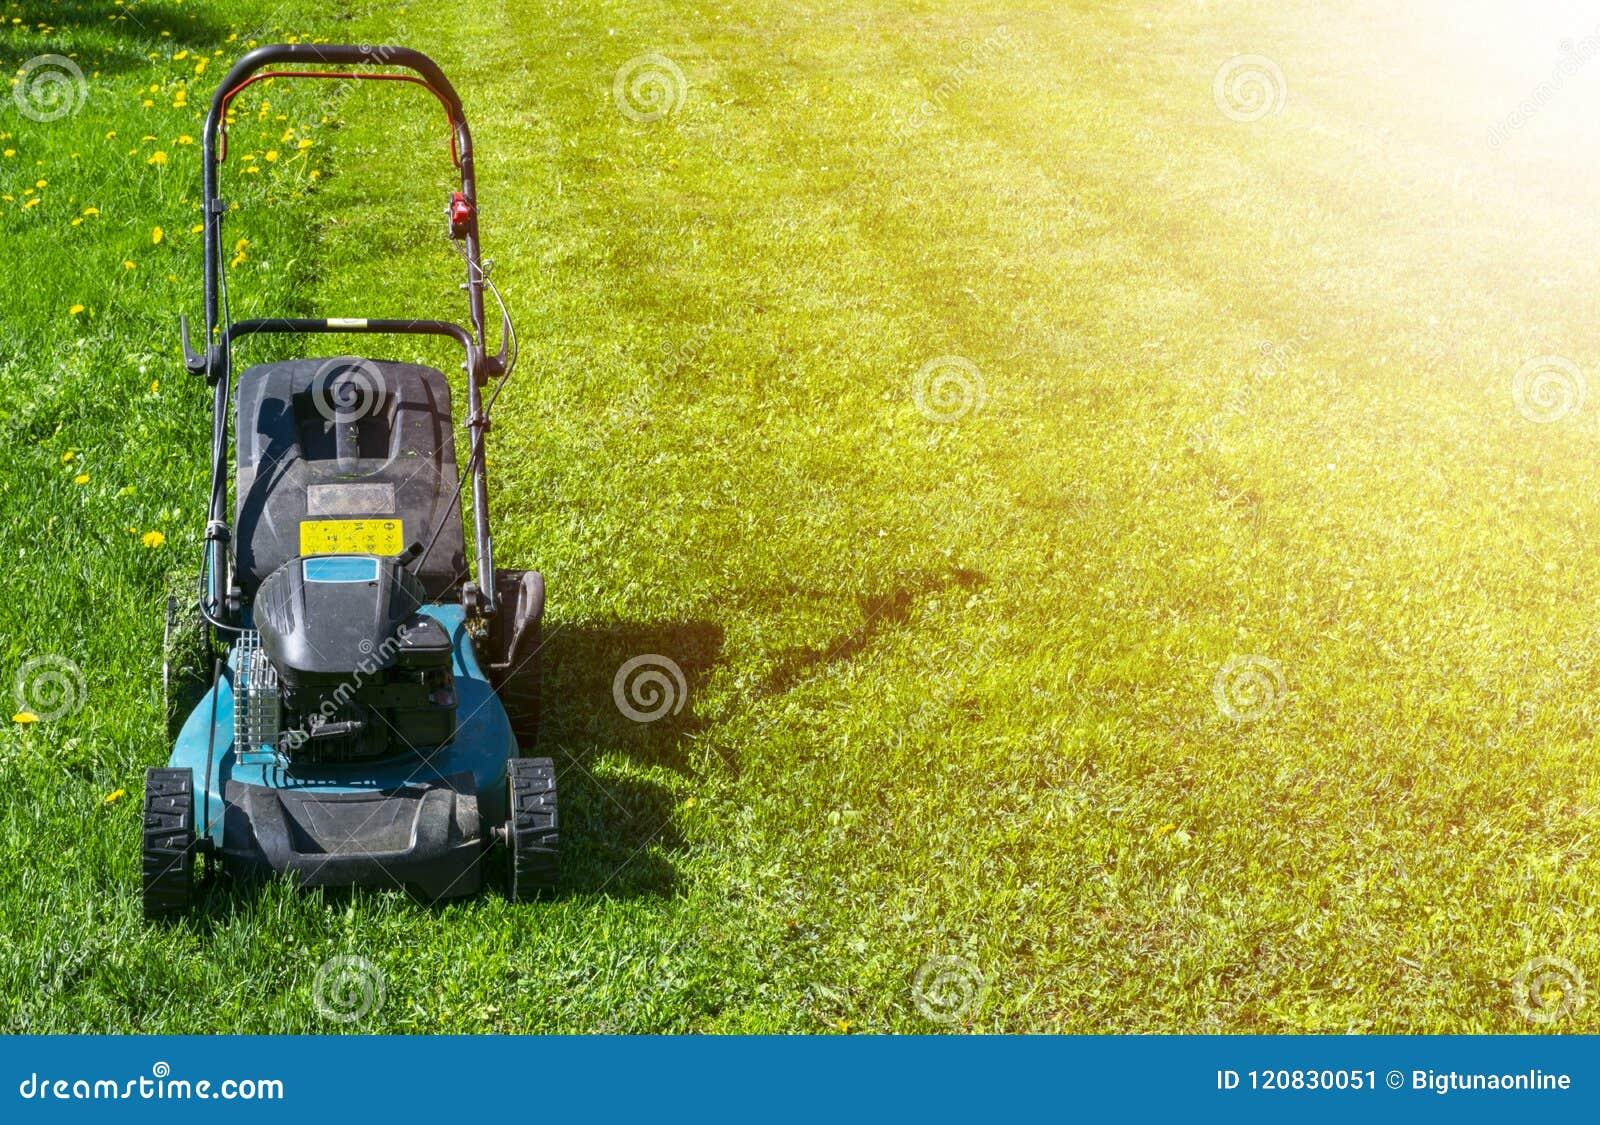 Céspedes de siega, cortacésped en la hierba verde, equipo de la hierba del cortacéspedes, herramienta de siega del trabajo del cu